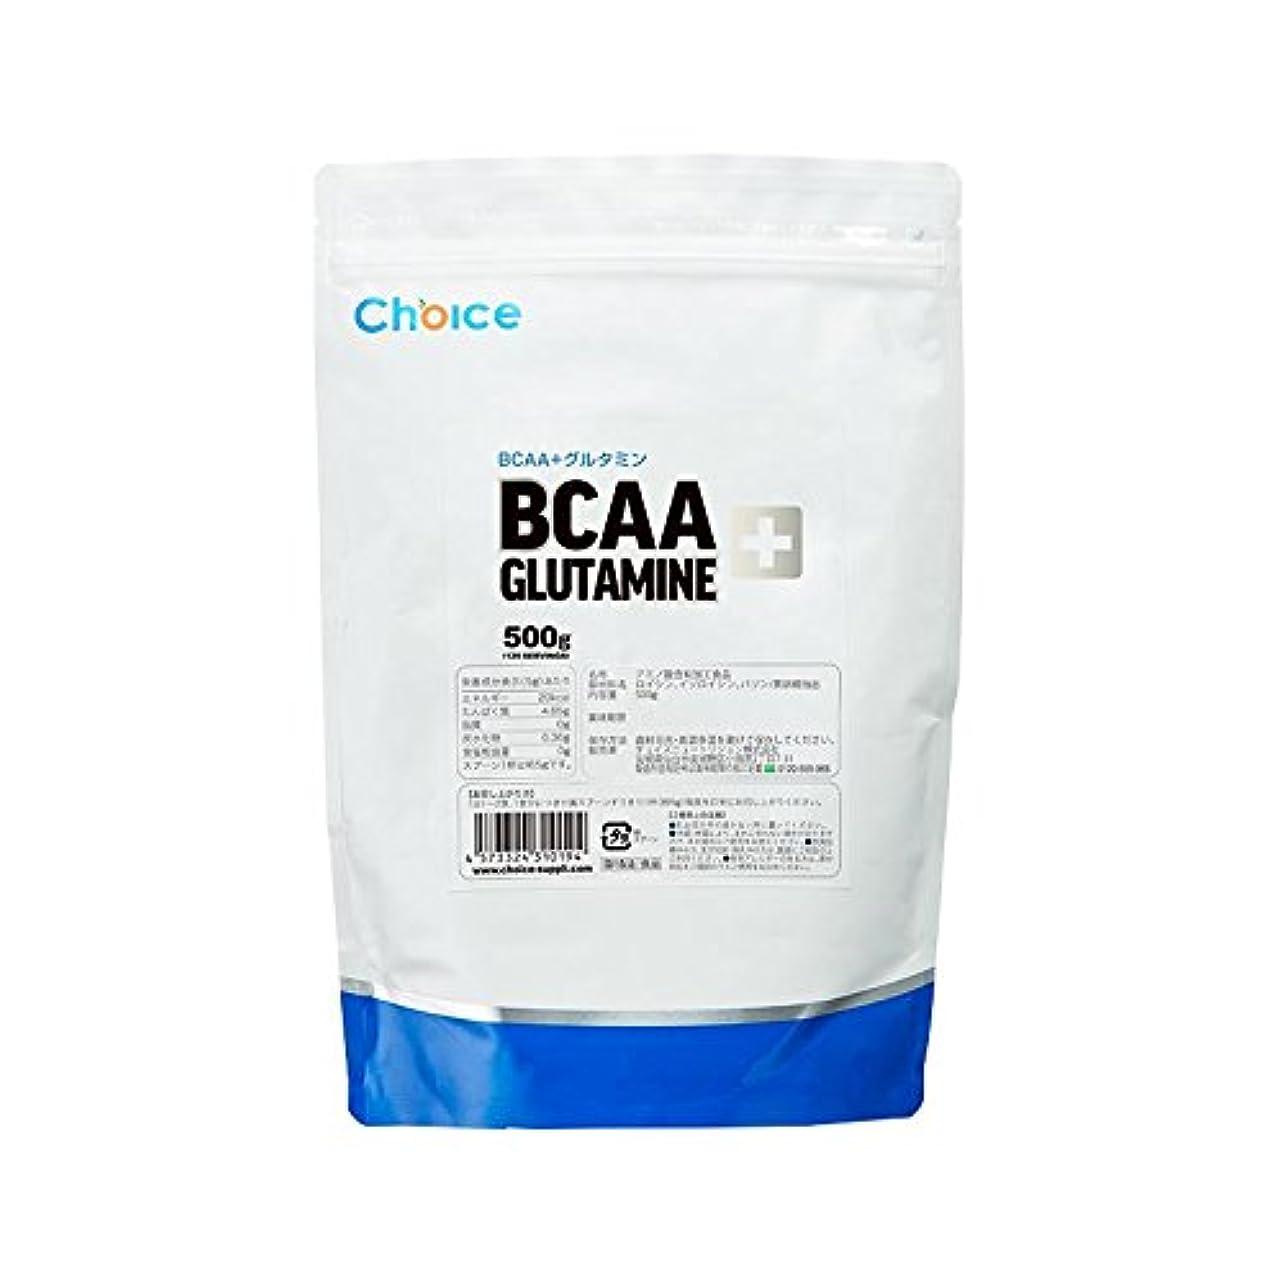 ホーン傑作売上高BCAA+GLUTAMINE (ビーシーエーエー+グルタミン) 500g